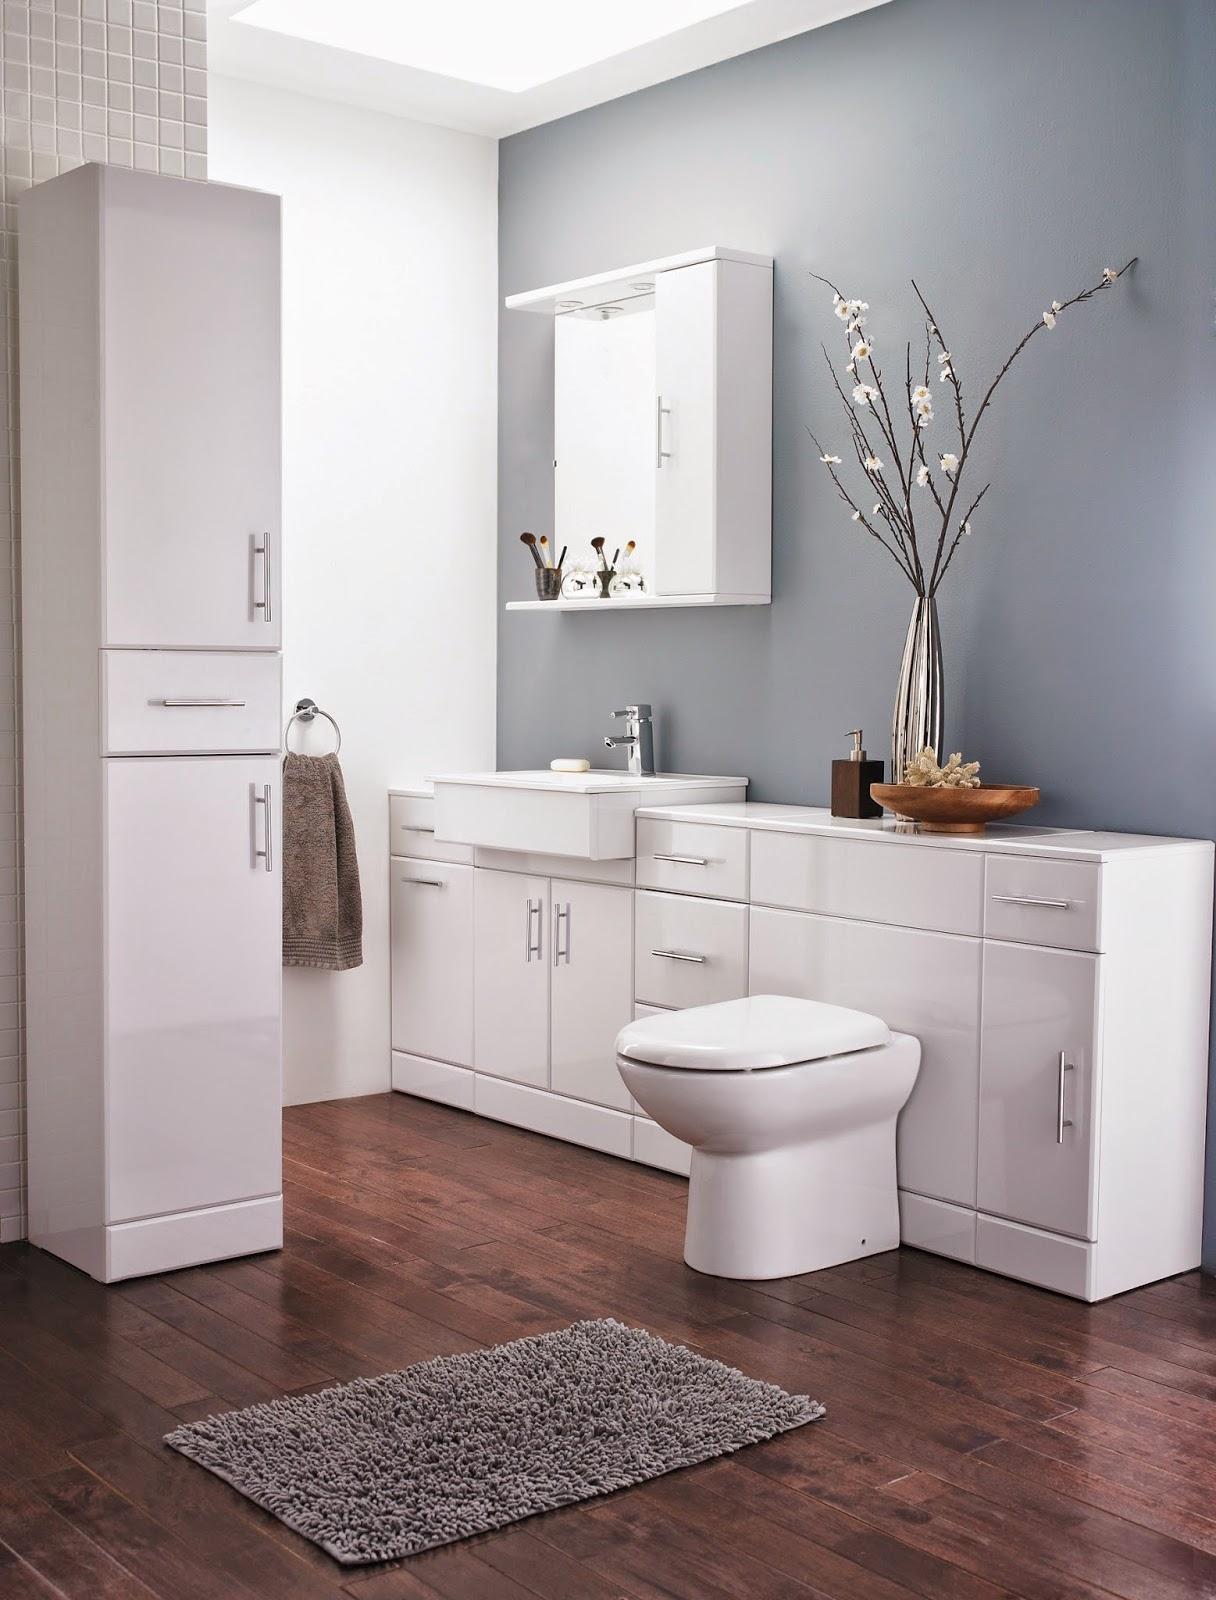 id une salle de bain zen id es pour r aliser une pi ce de d tente absolue. Black Bedroom Furniture Sets. Home Design Ideas